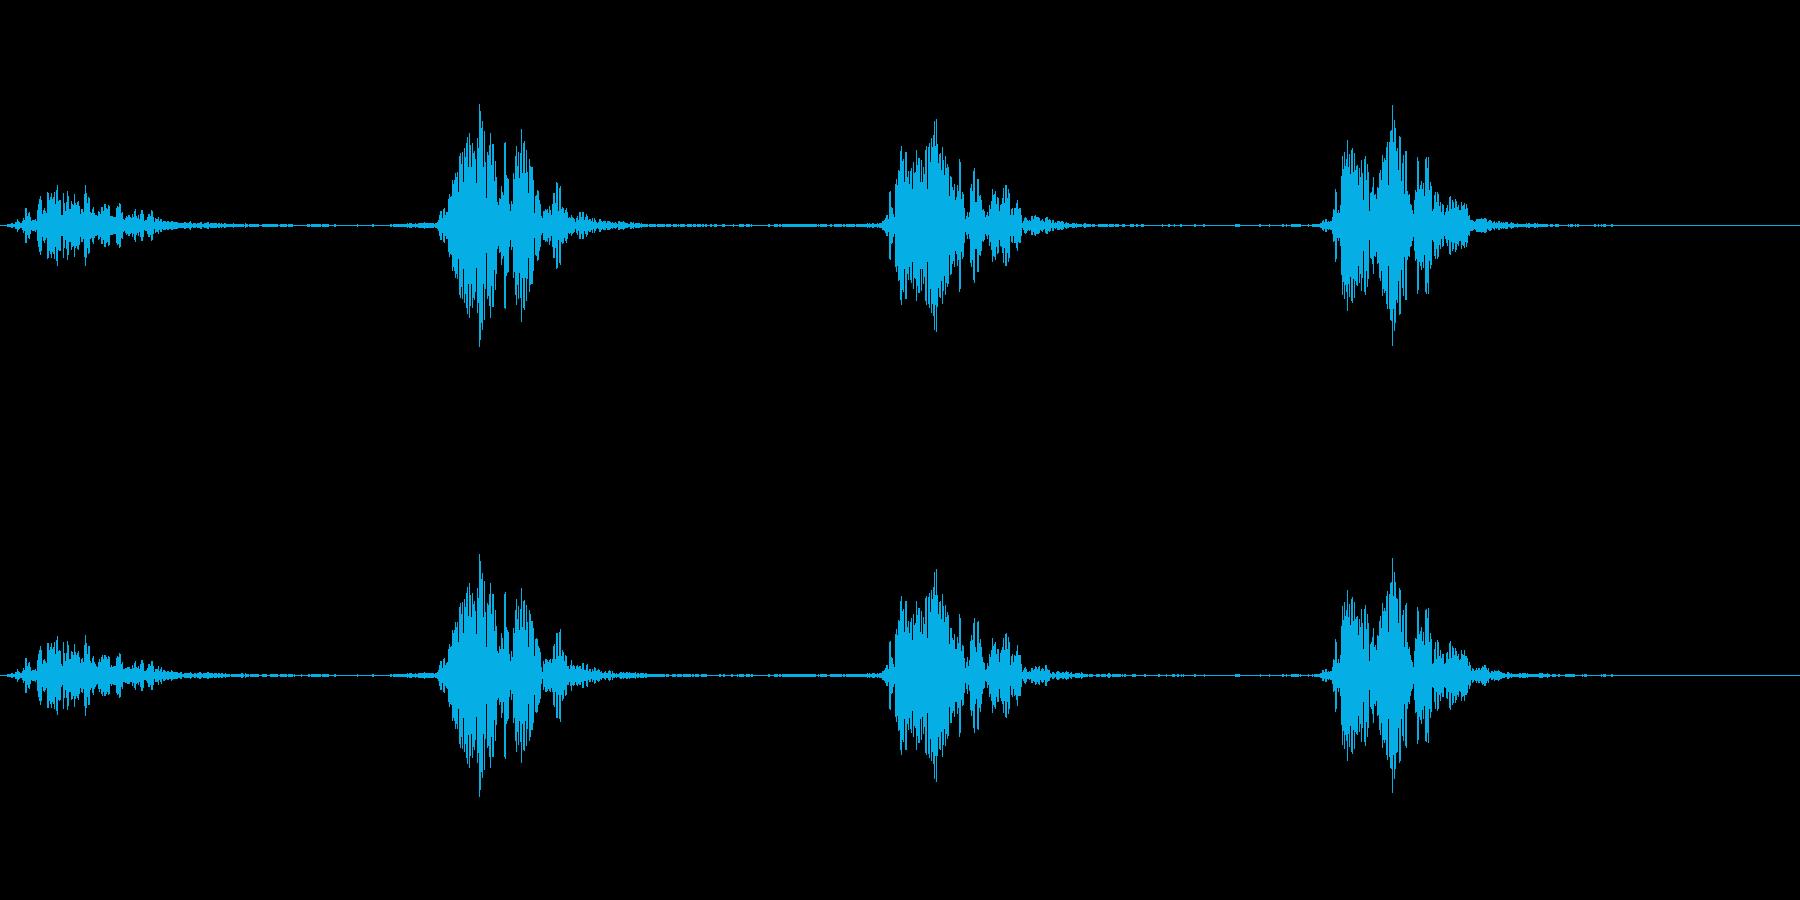 モンスター 息ハァハァ 01の再生済みの波形